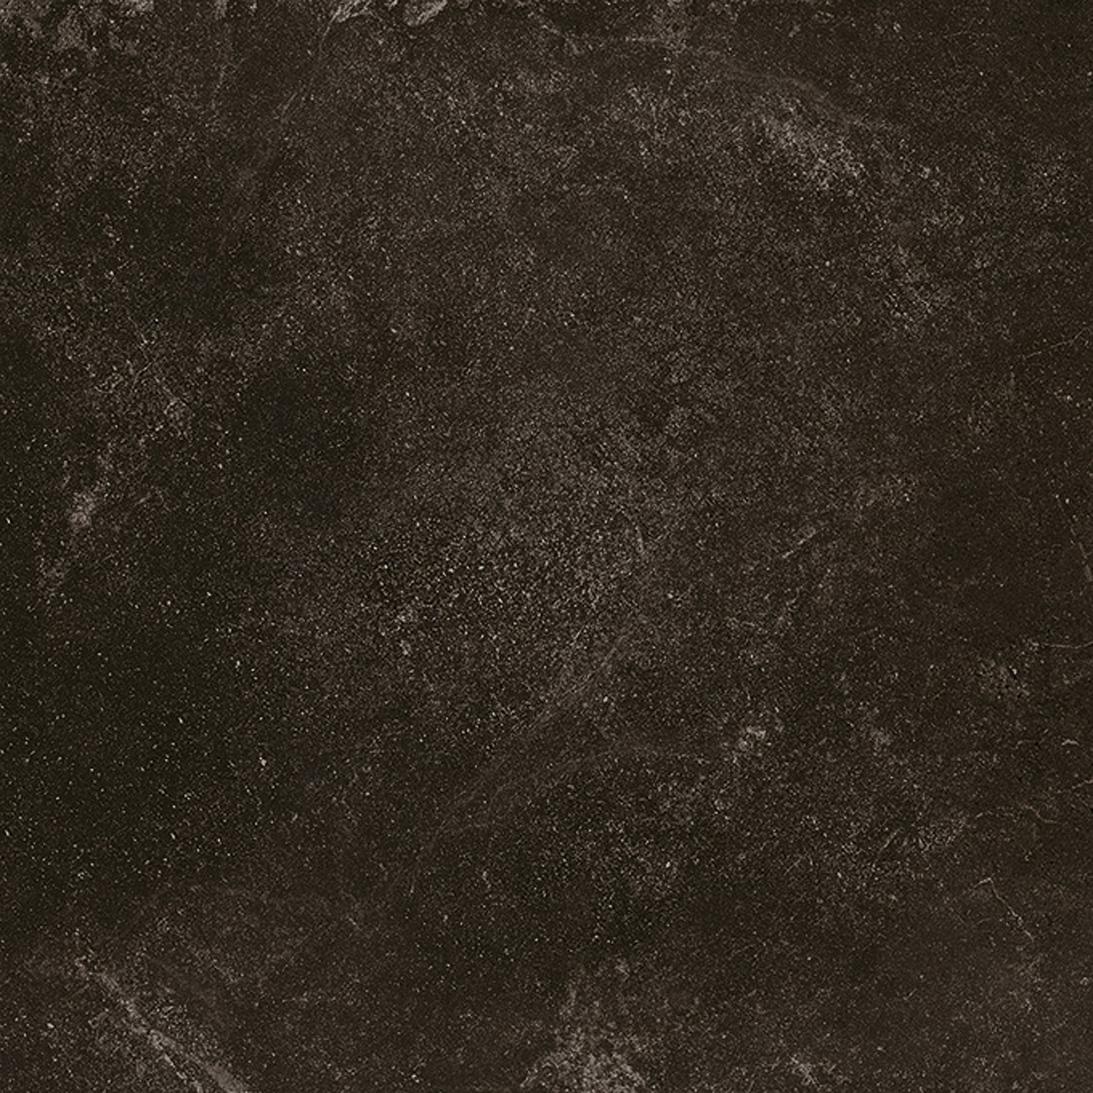 Керамогранит ATLAS CONCORDE Drift Dark 80x80 Матовая